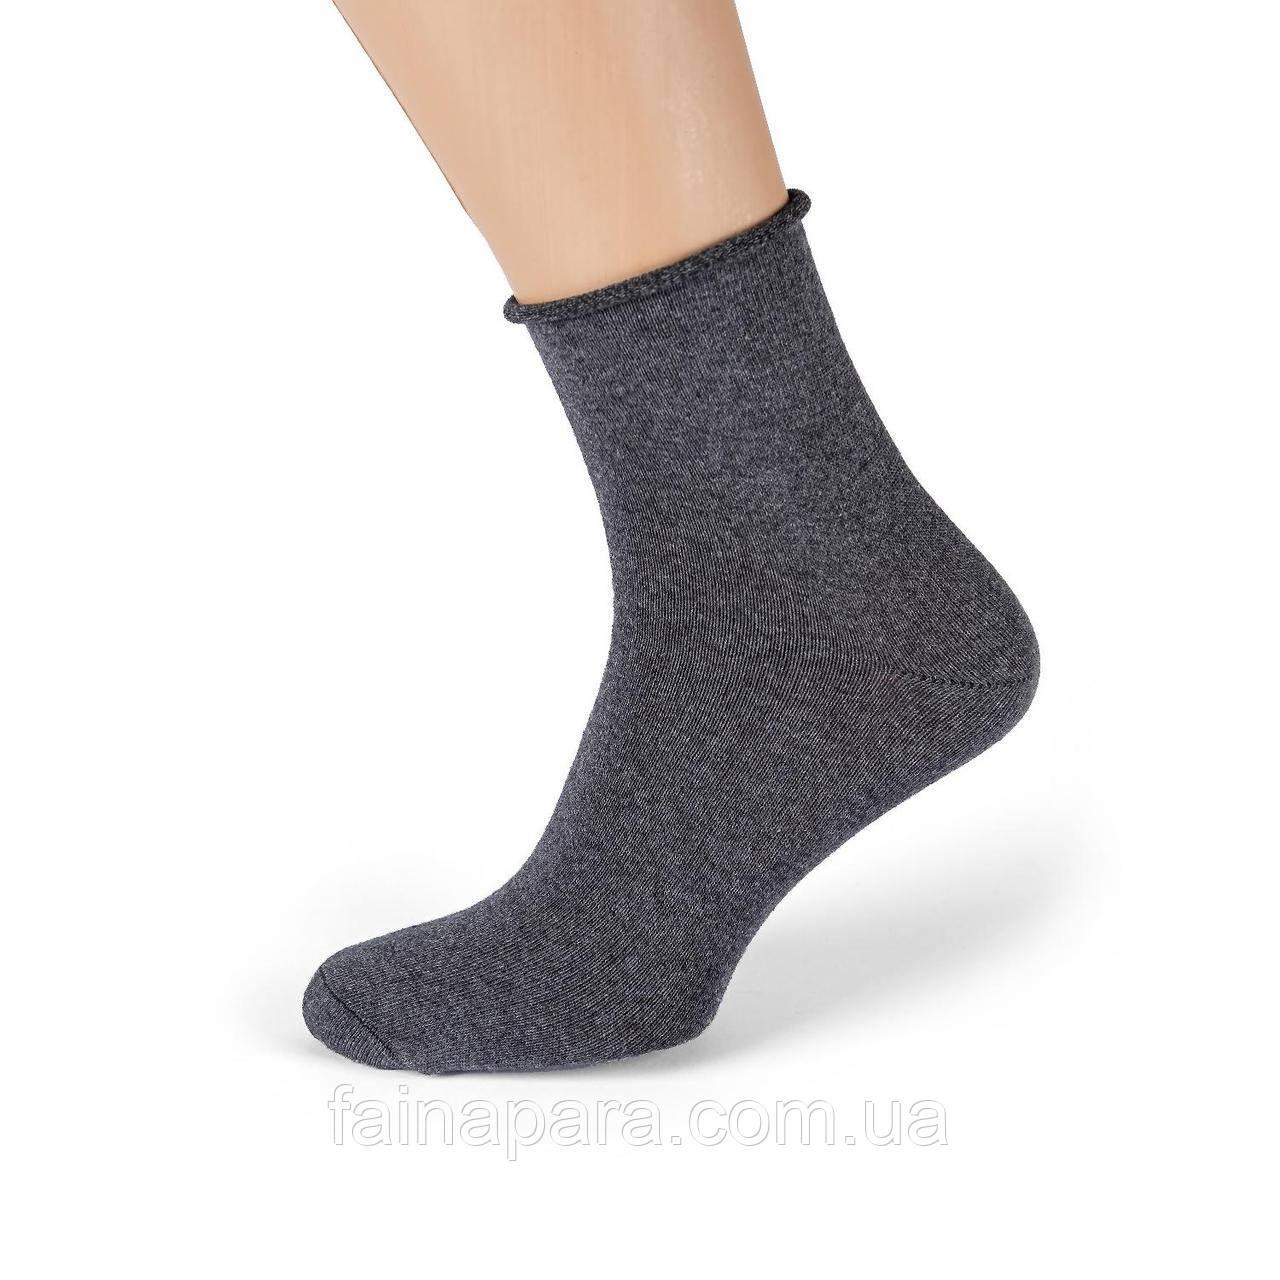 Медичні чоловічі бавовняні шкарпетки без гумки Pier Lone